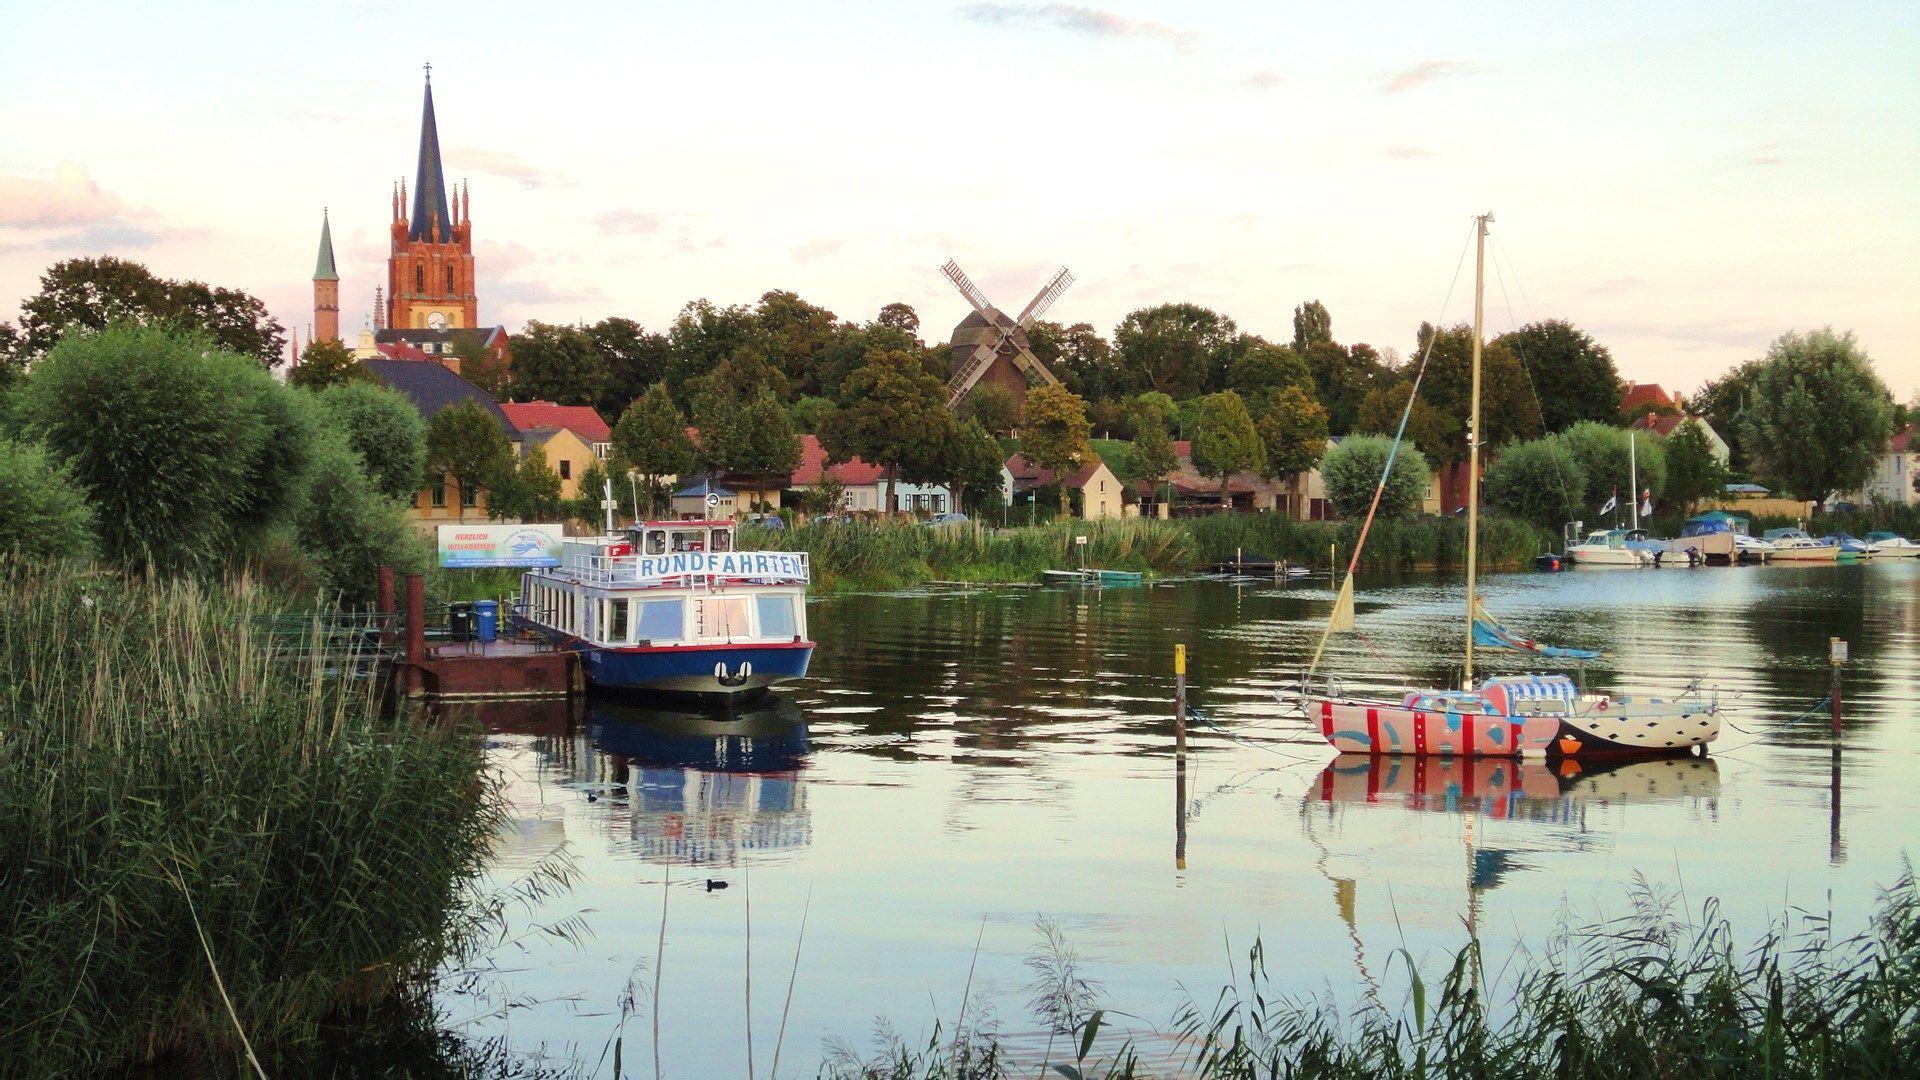 Werder Blutenstadt An Der Havel Umgeben Vom Wasser Bietet Vielfaltige Tourismus Und Freizeitmoglichkeiten Tourismus Stadt Brandenburg